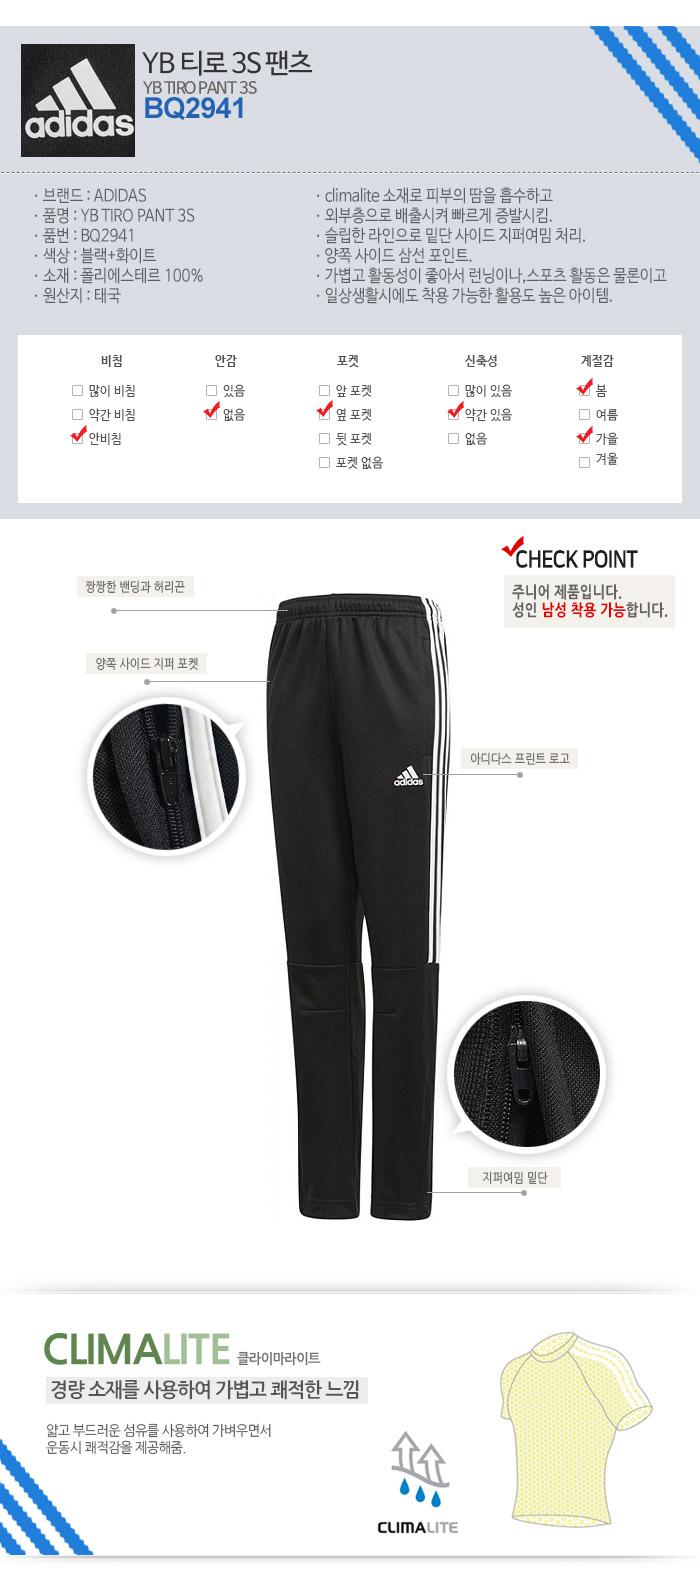 frotis Persistente Pasivo  Adidas ] YB Tiro 3S Pants BQ2941 - 11STREET